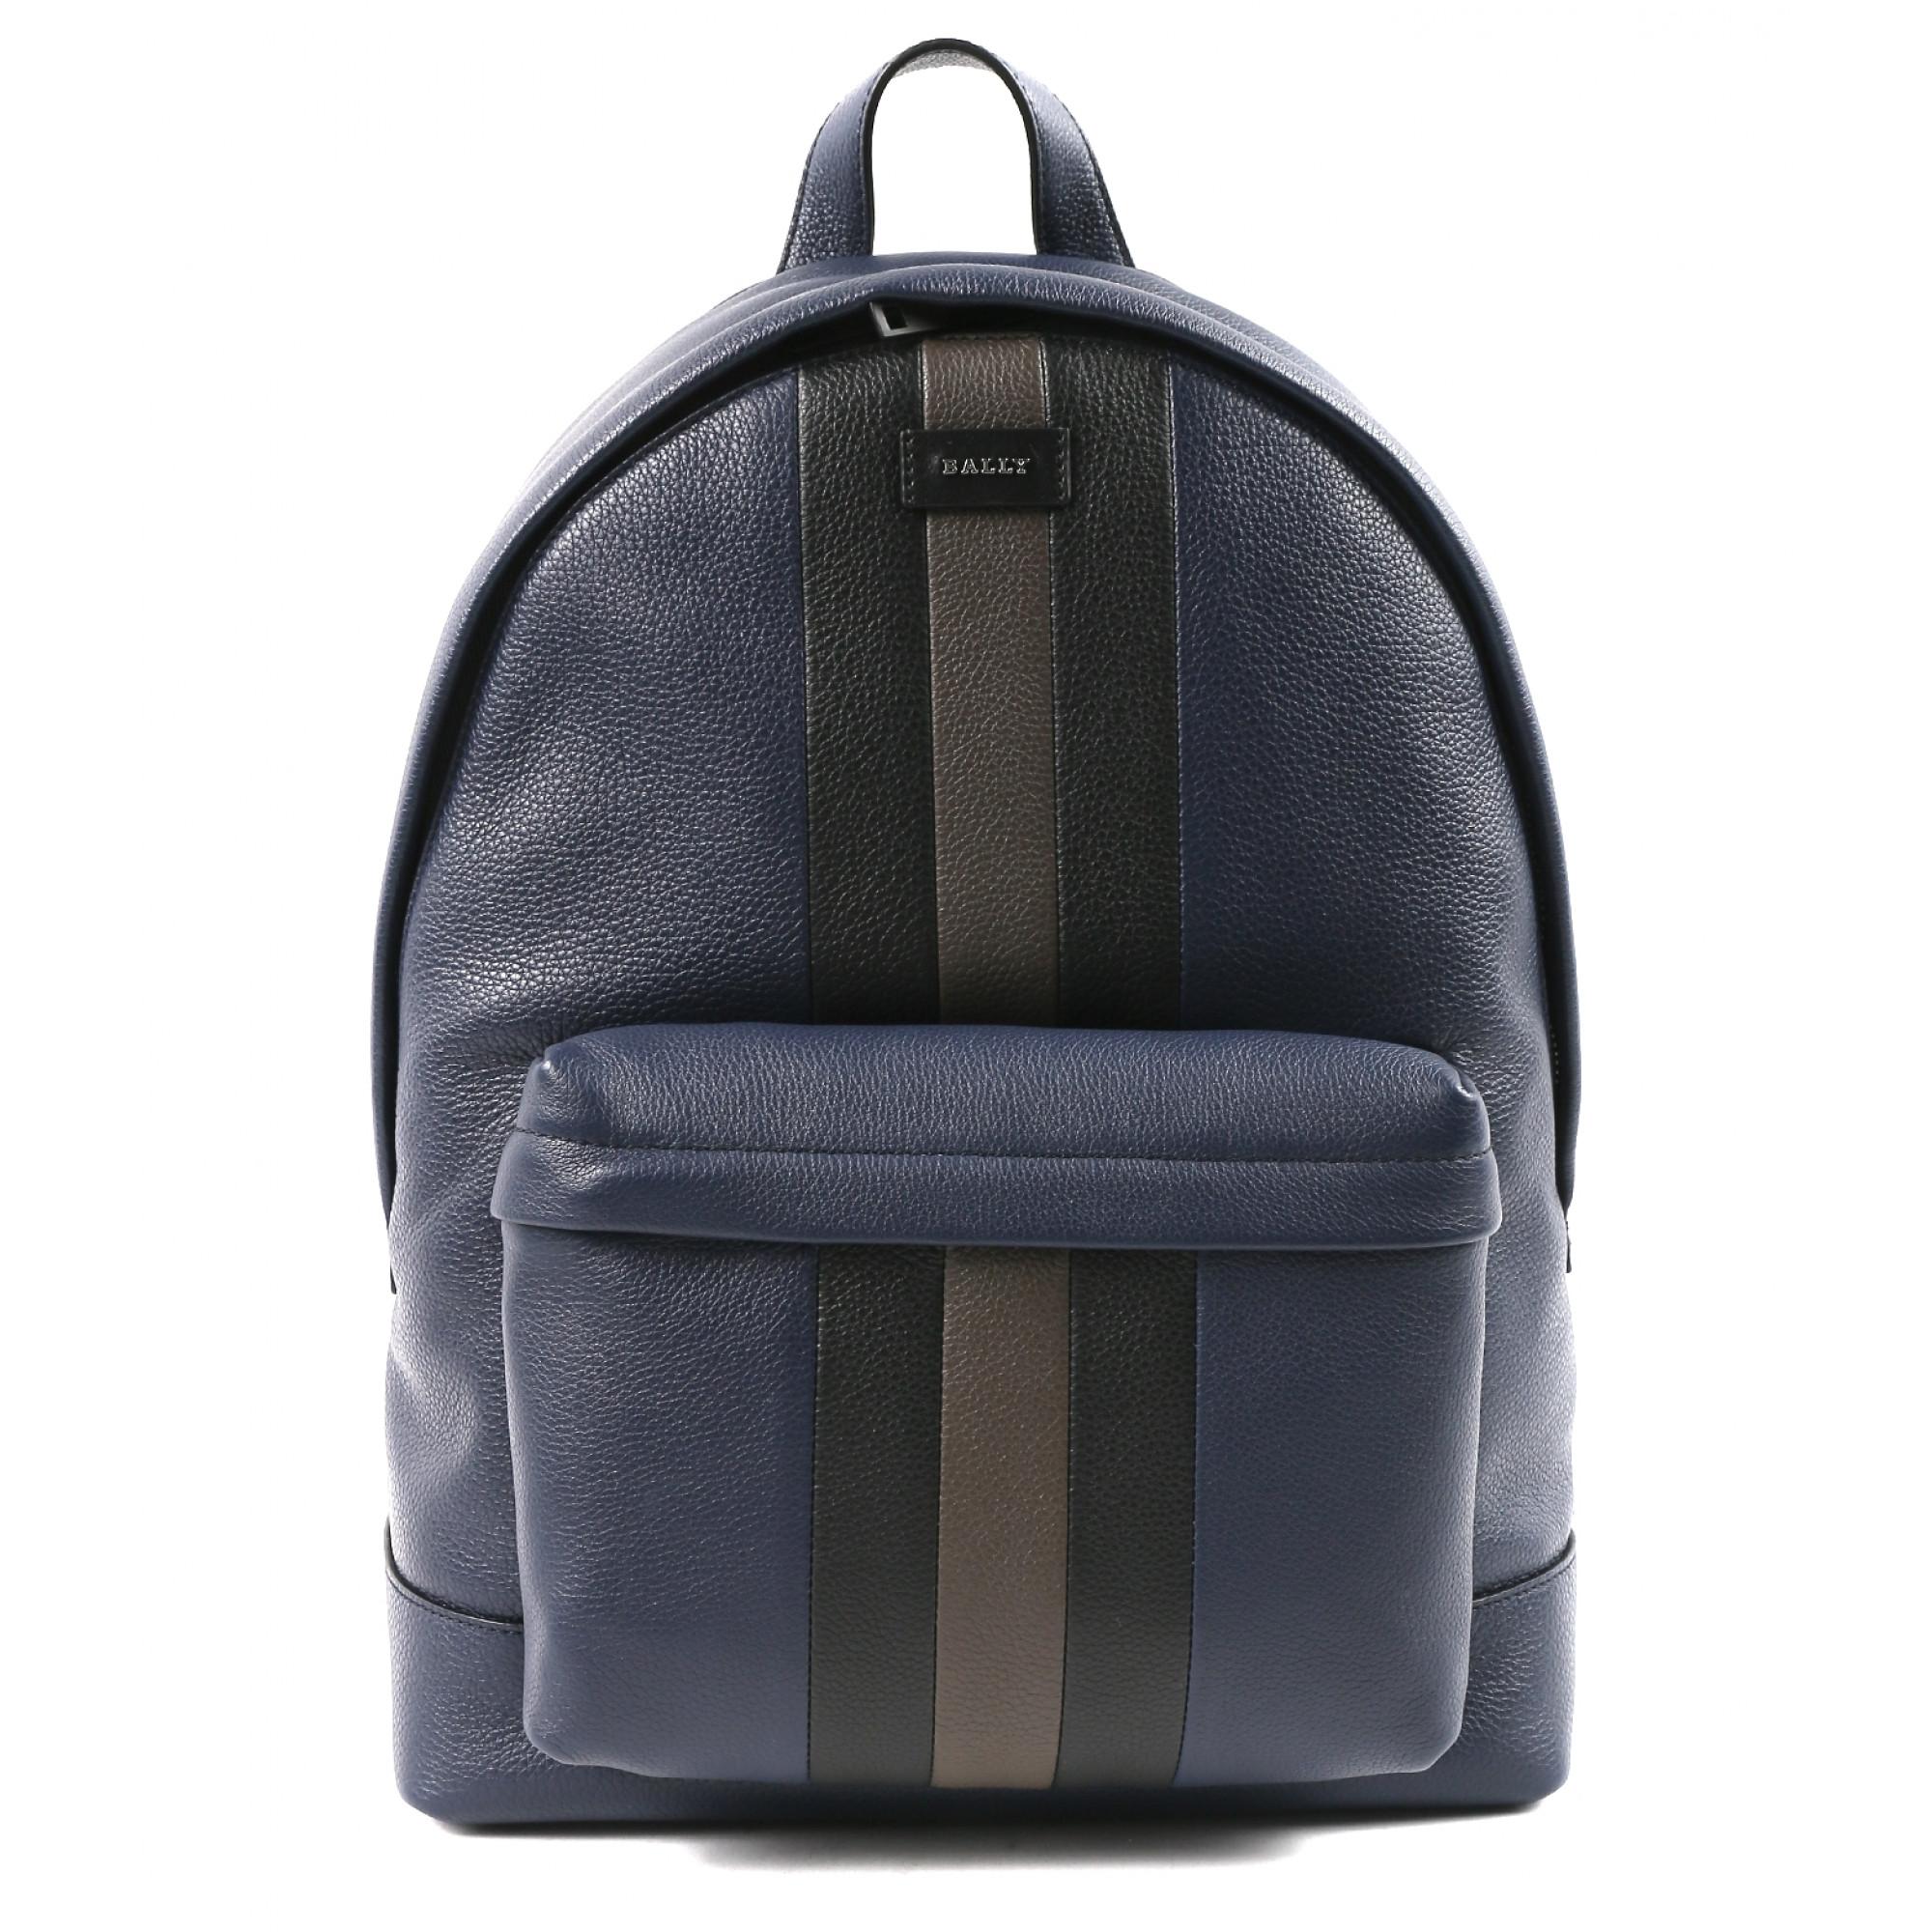 74f3c19386d6 Мужской кожаный рюкзак от Bally: купить мужские сумки в интернет ...